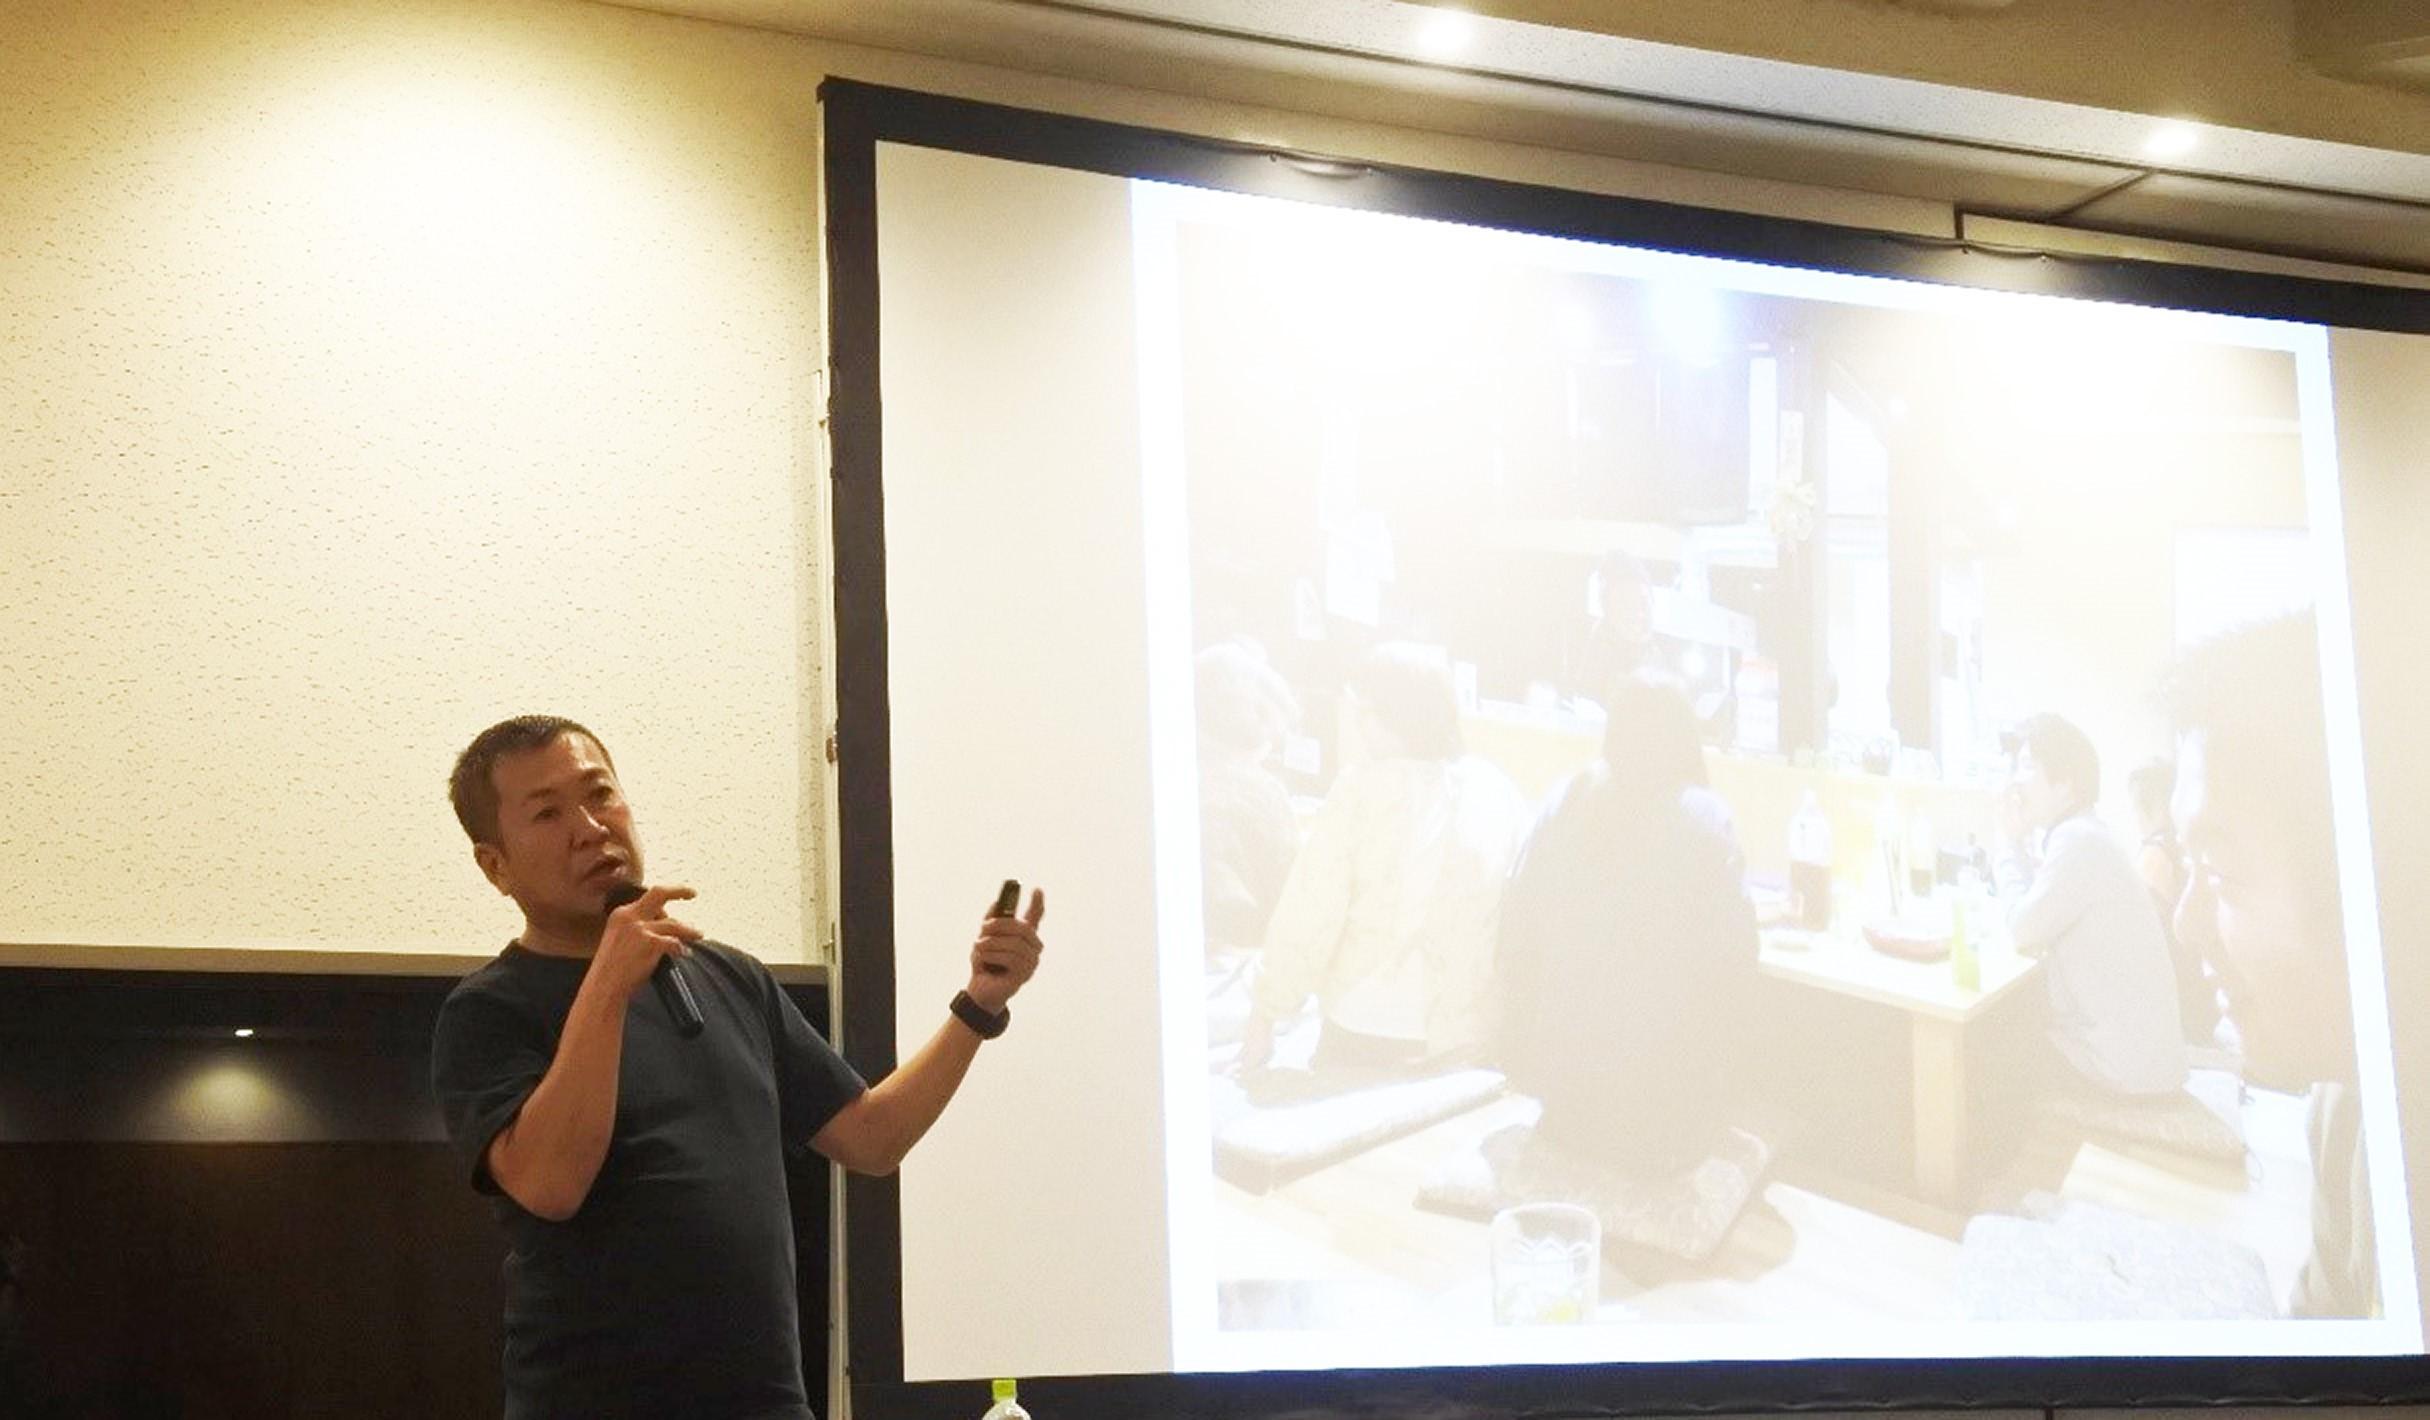 杜の都のITしごとカンファレンス開催!参加者100名以上が集い、多様な働き方と東北の未来について考える